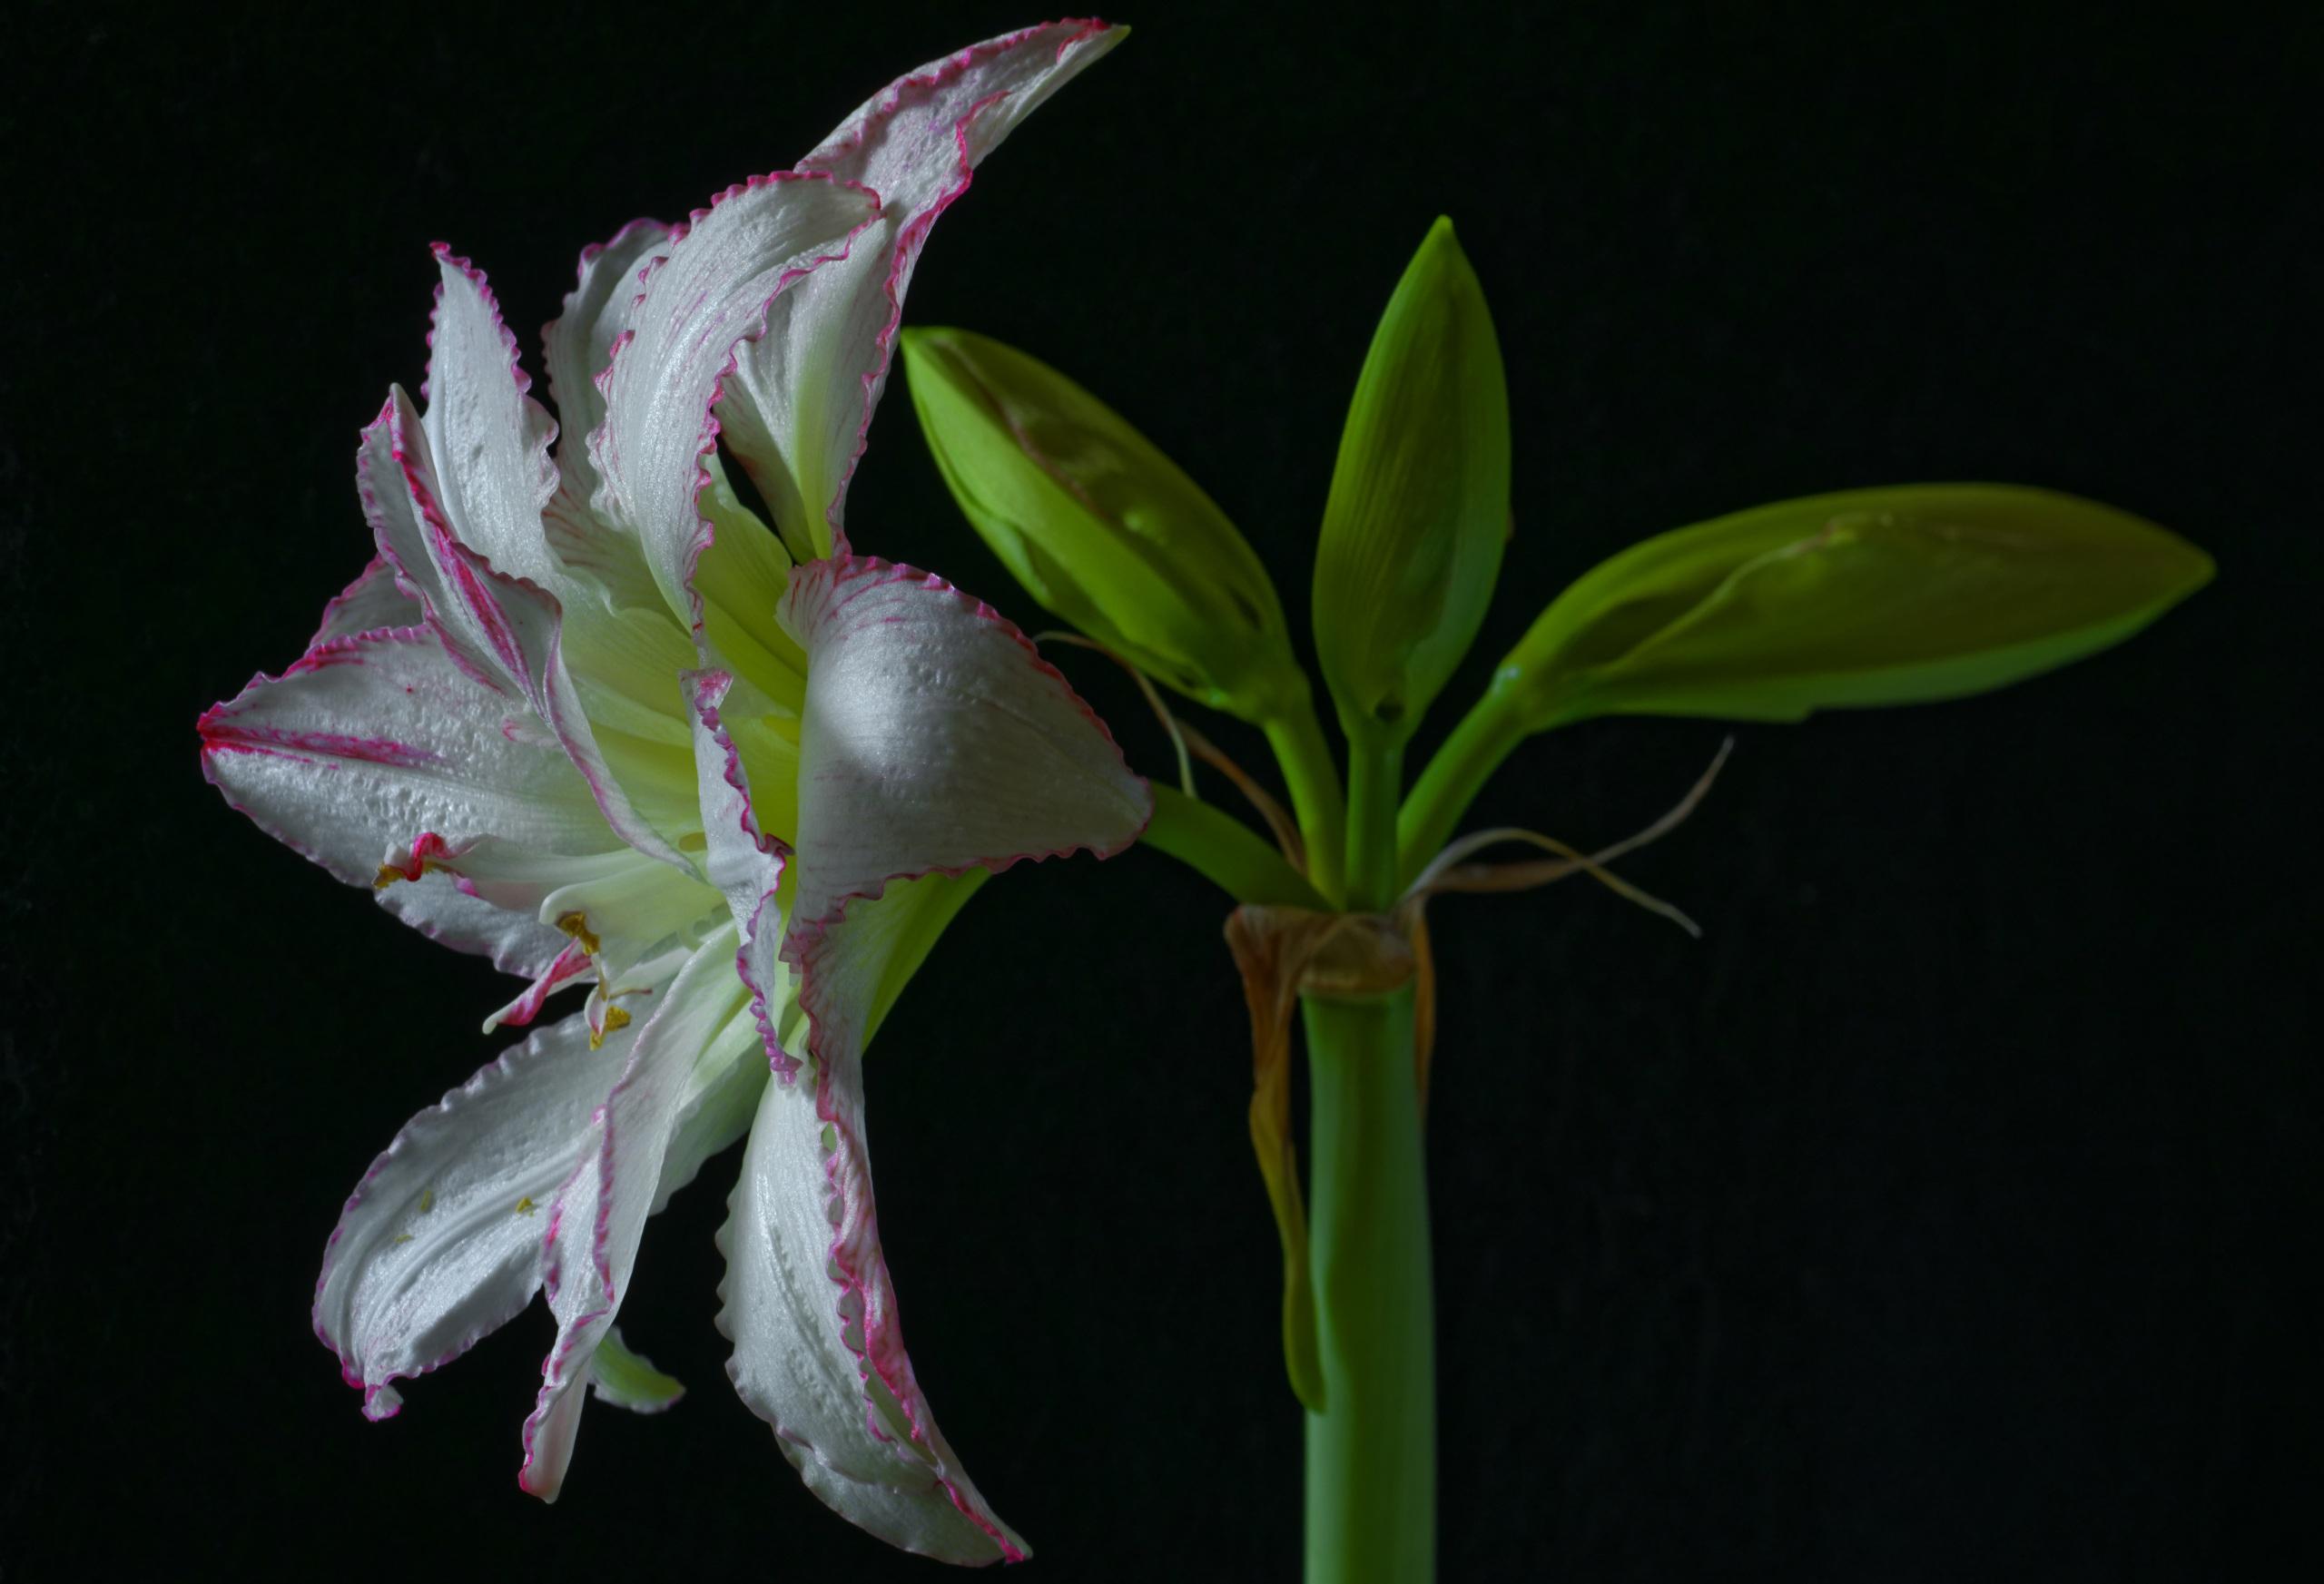 Фото белая Цветы Амариллис Черный фон Крупным планом 2560x1745 белых белые Белый цветок вблизи на черном фоне